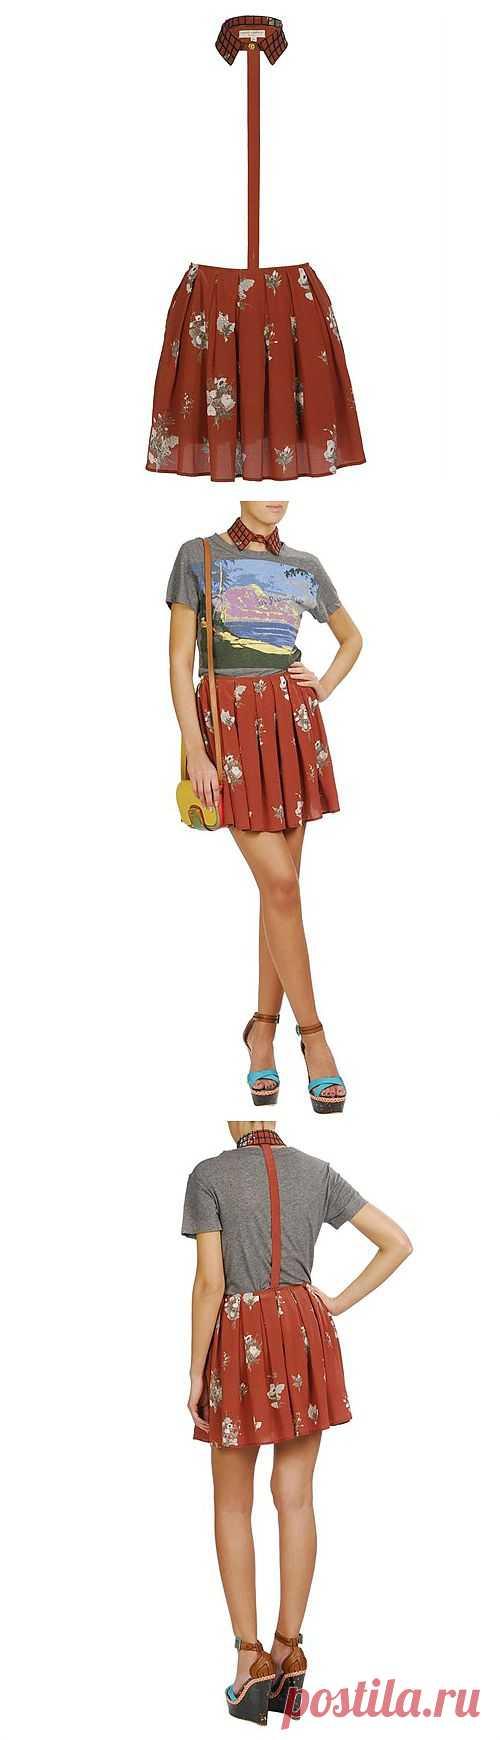 Юбка-воротник за 587$ / Вещь / Модный сайт о стильной переделке одежды и интерьера